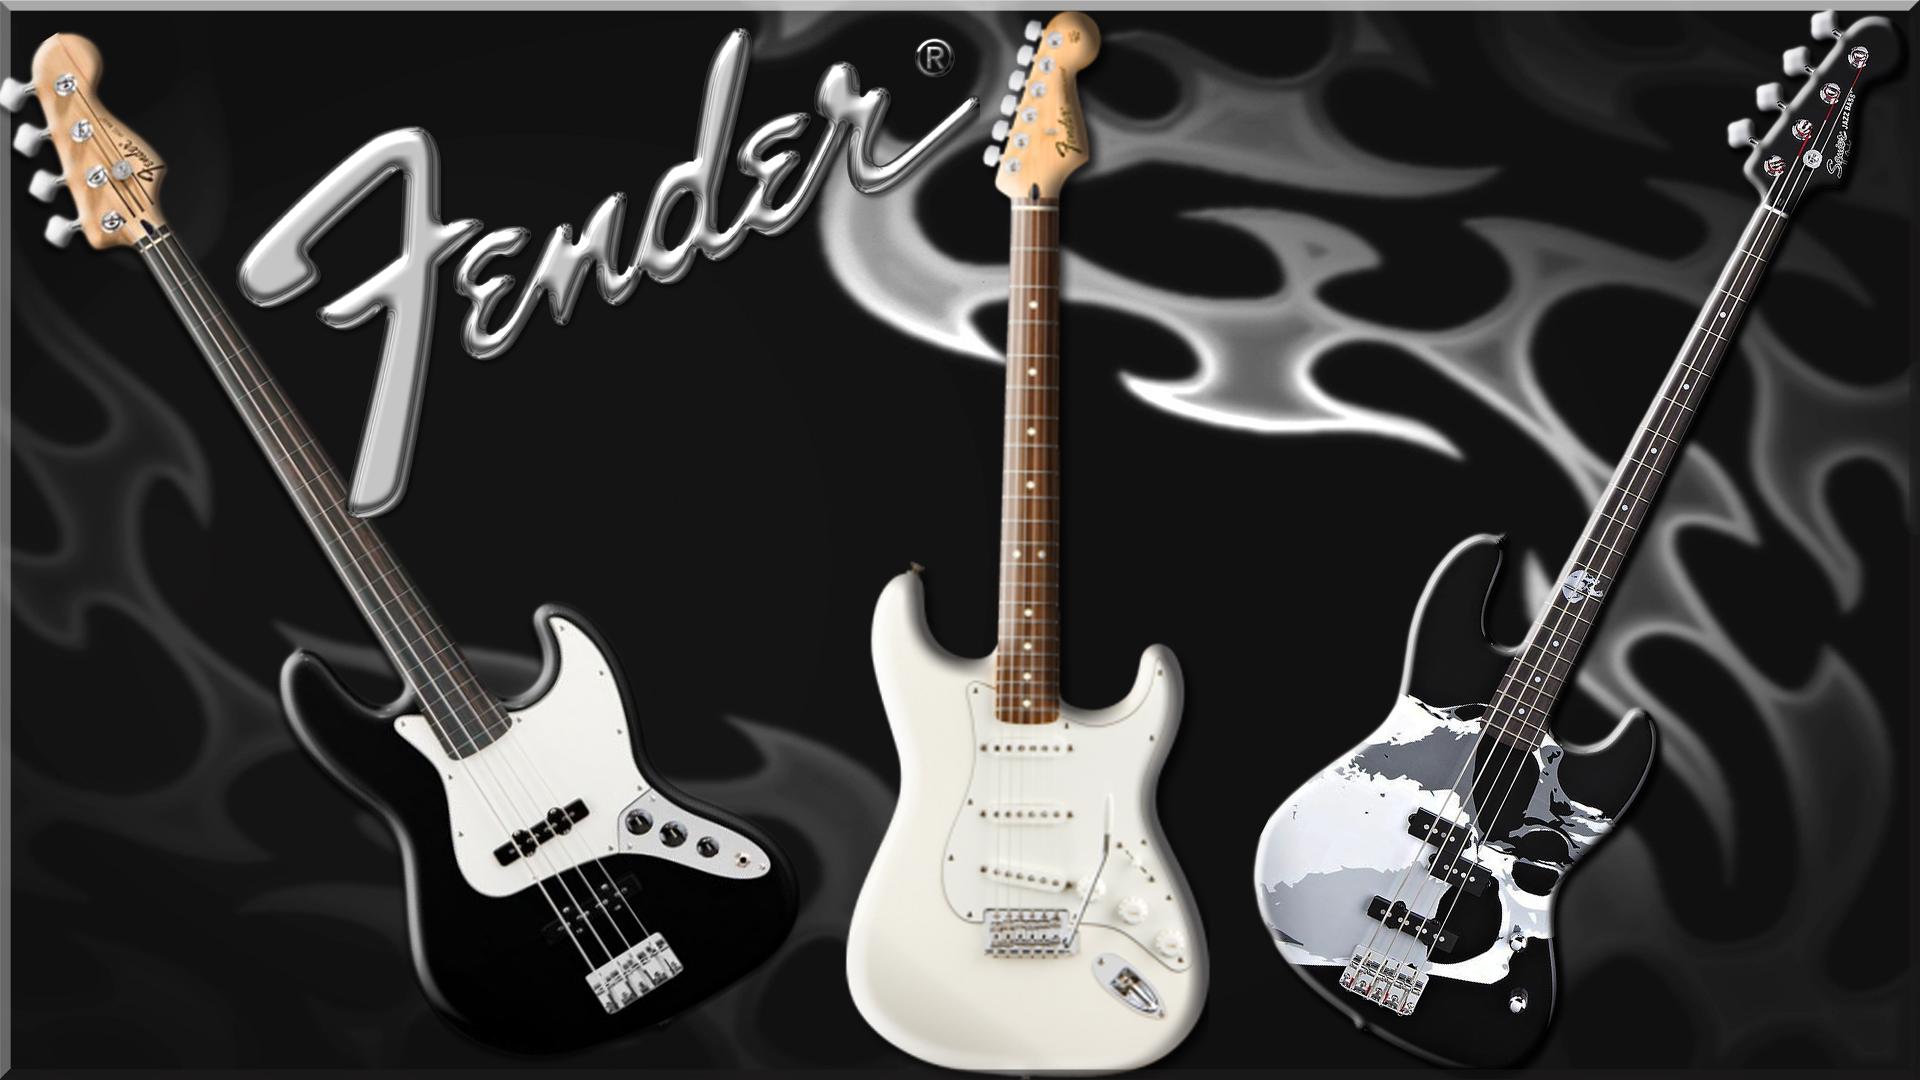 Fender Guitars Computer Wallpapers Desktop Backgrounds 1920x1080